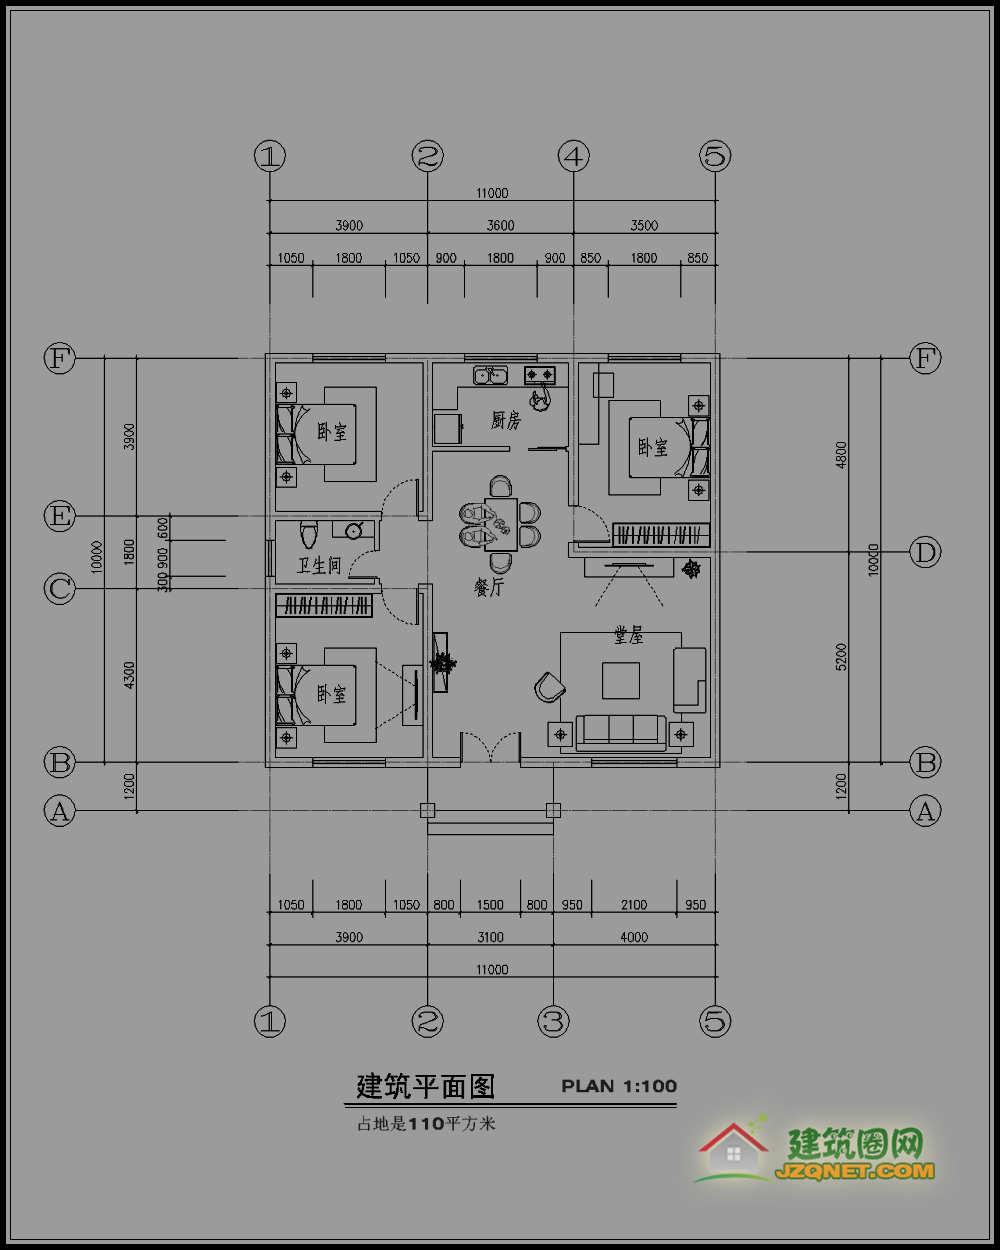 130平方农村建房三房一厅一卫一厨一楼梯设计图一层